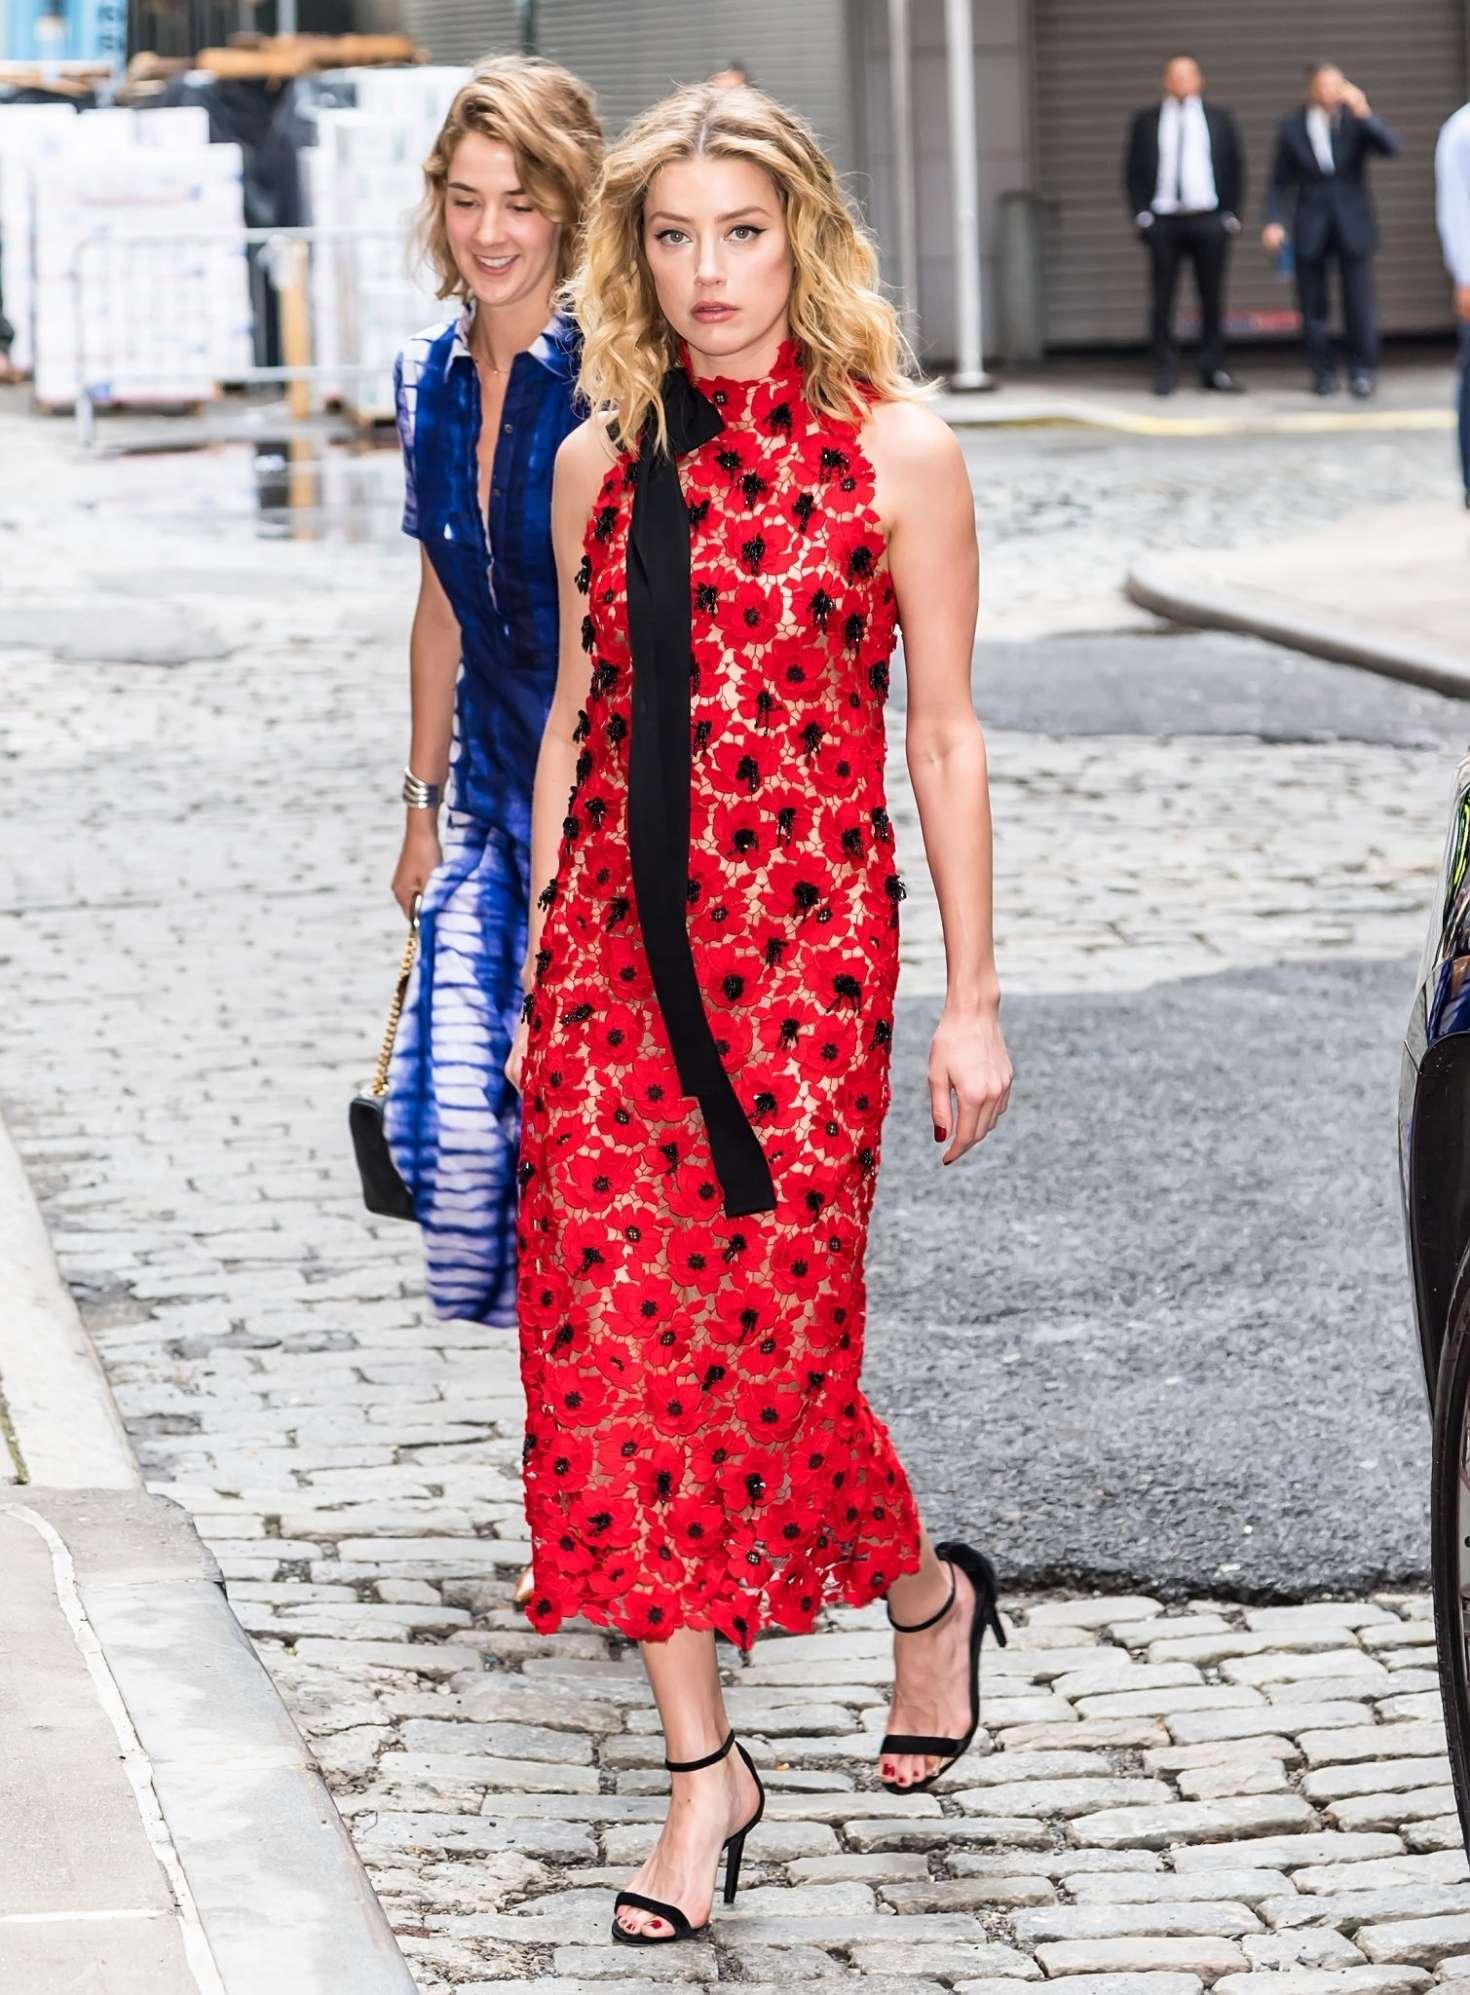 Phong cách thời trang Amber Heard 15